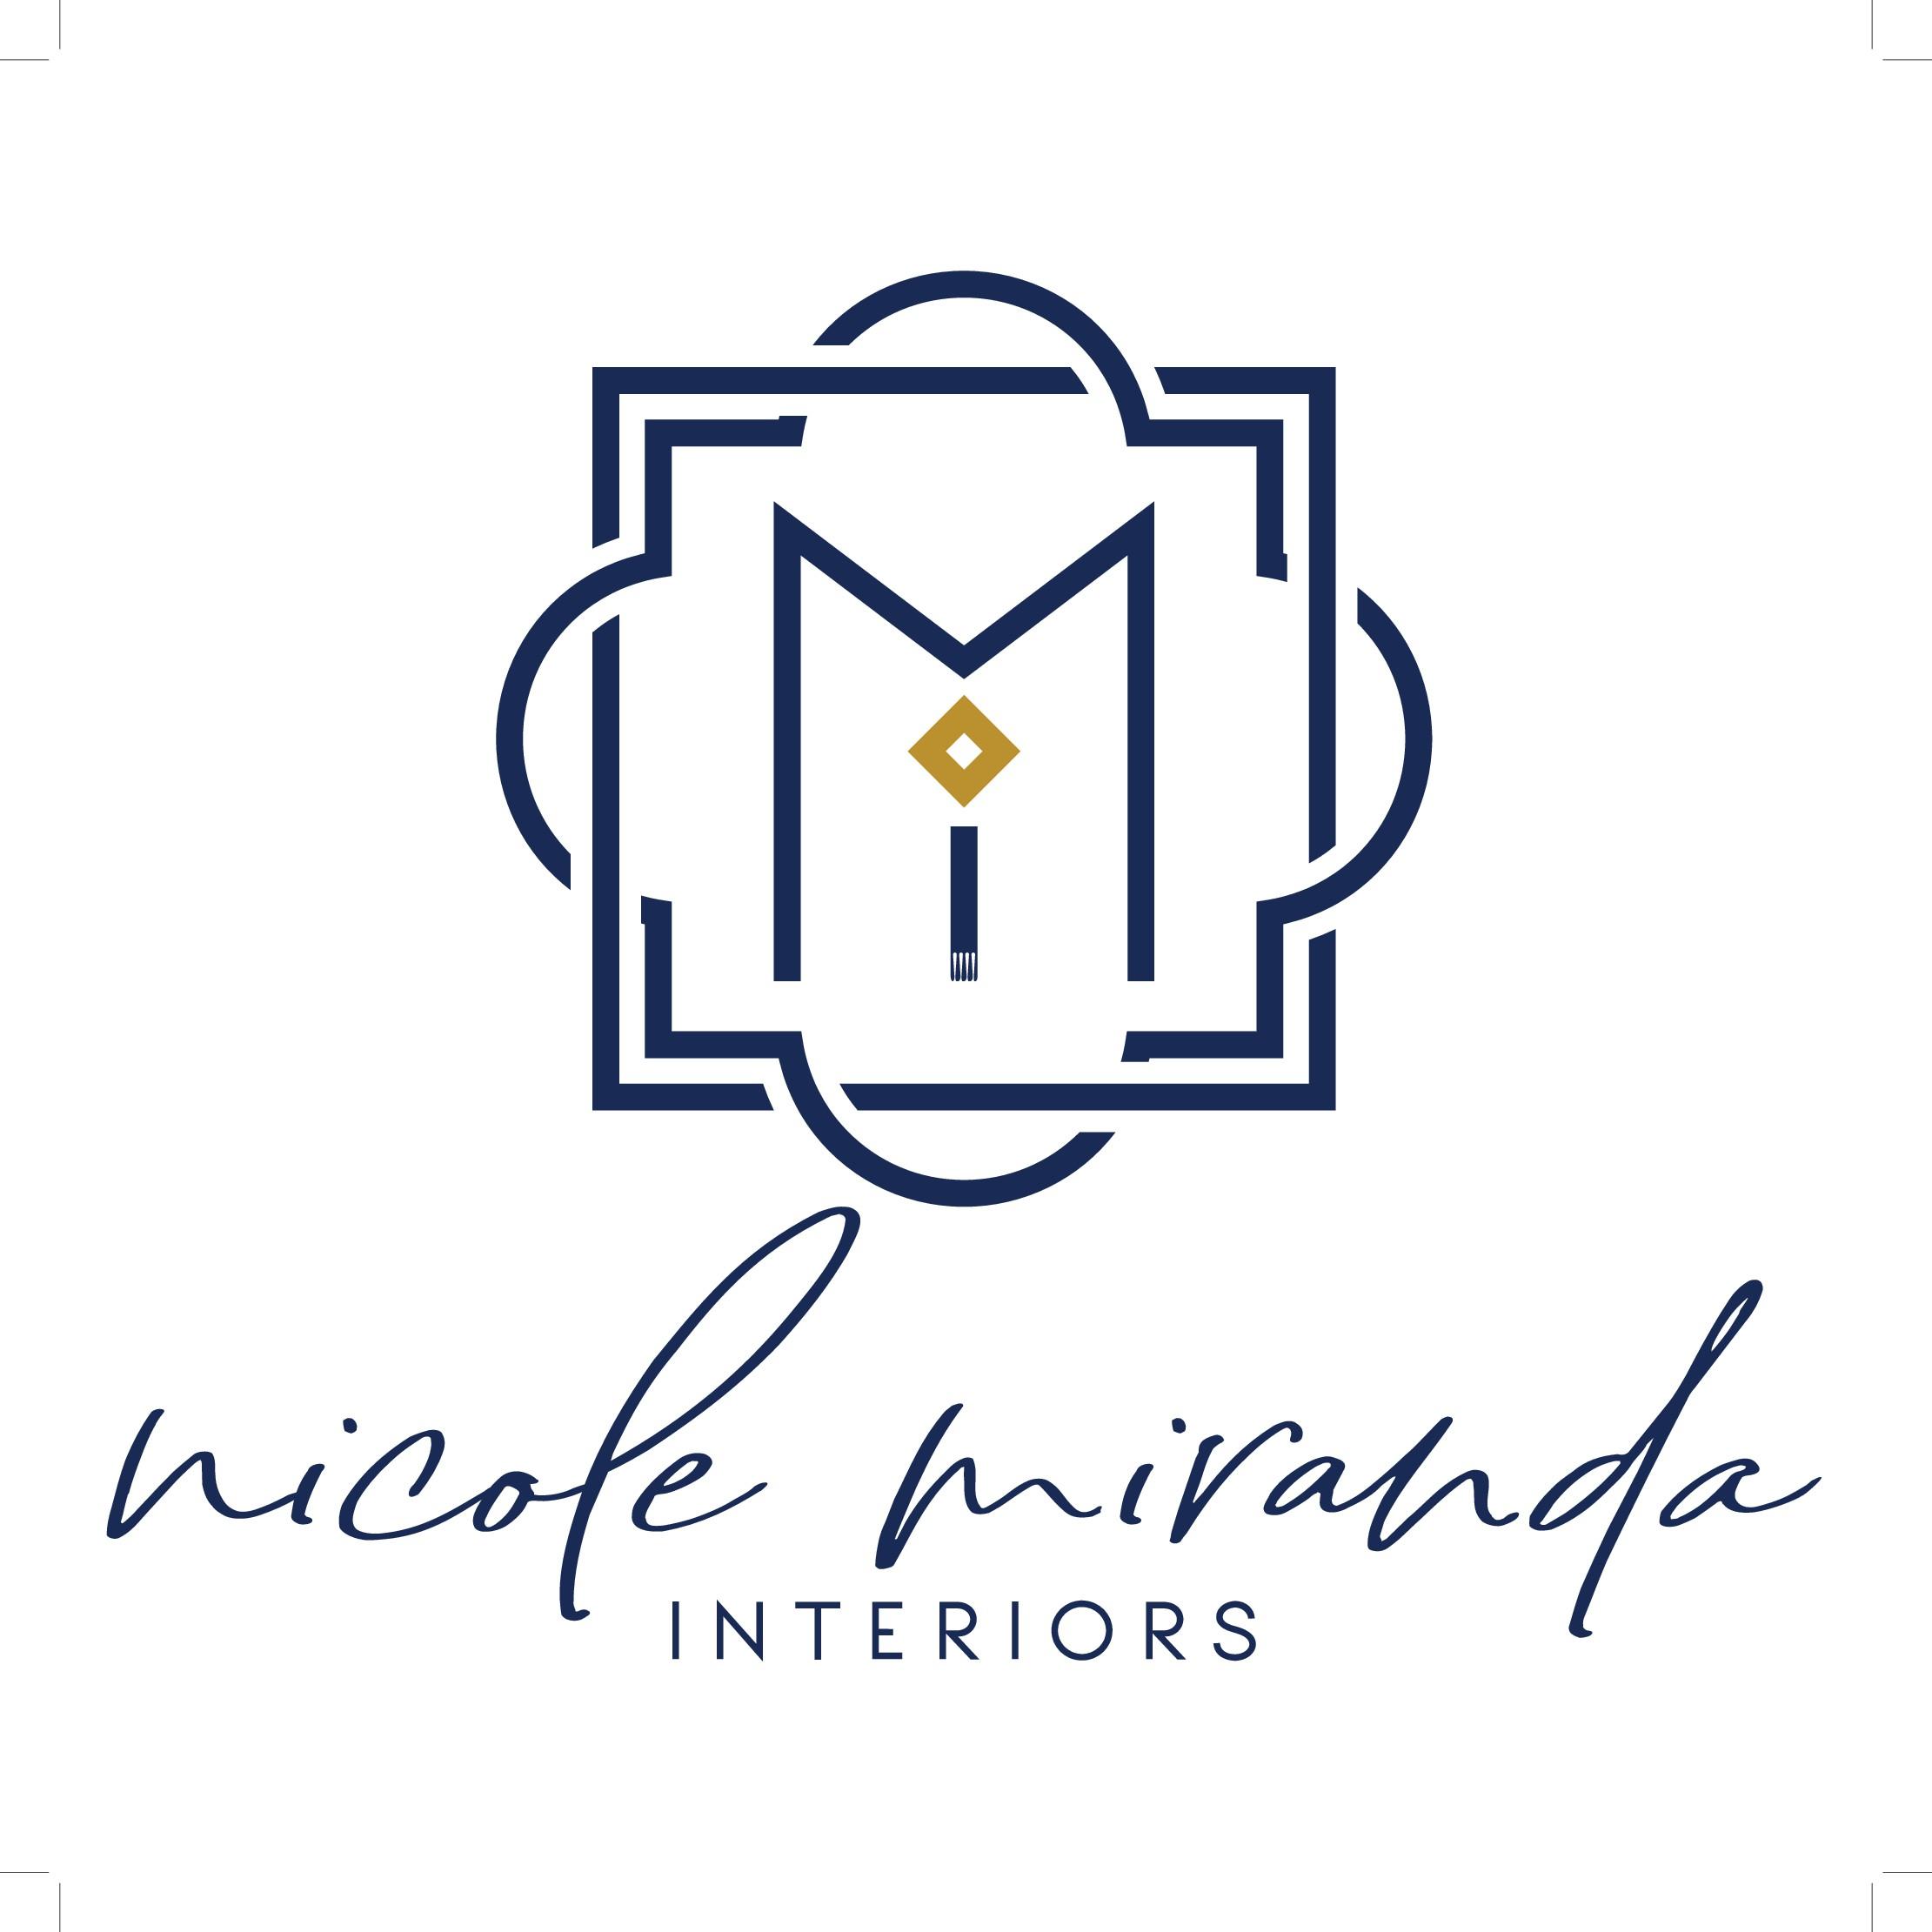 Interior designer needs an elegant, modern yet classic, sophisticated logo for new biz.